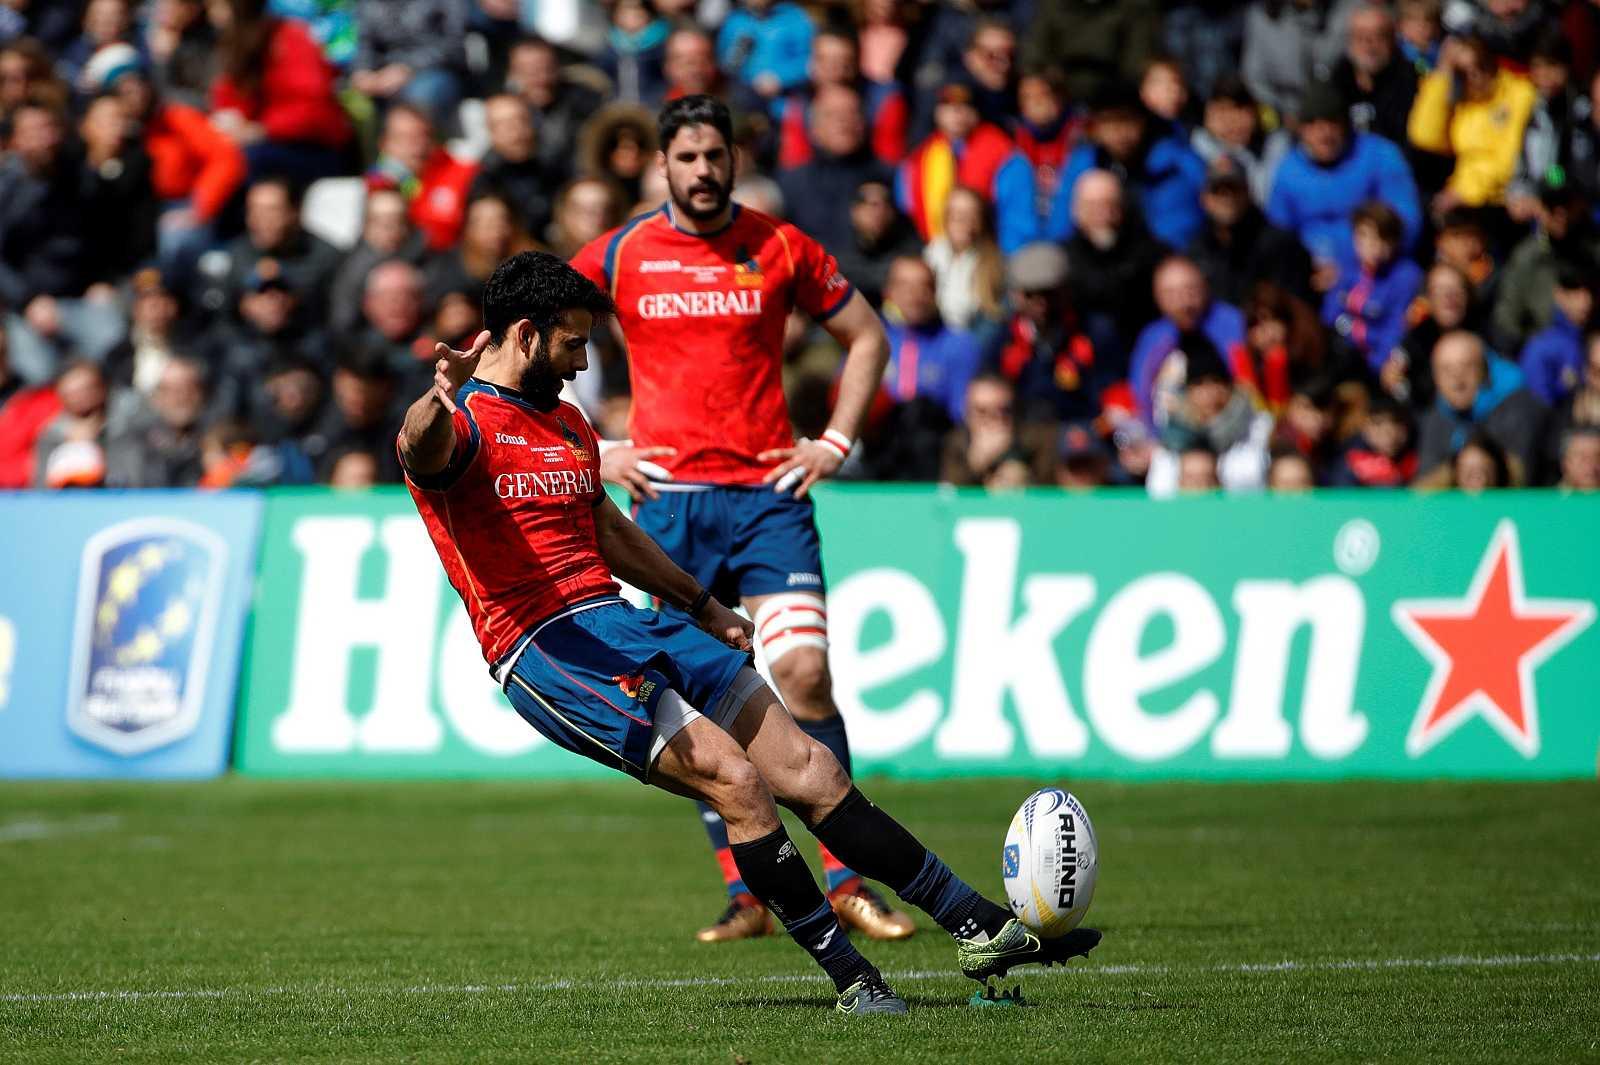 Imagen de archivo, el jugador de la selección española de rugby, Mathieu Peluchon, despeja el balón, durante un partido.